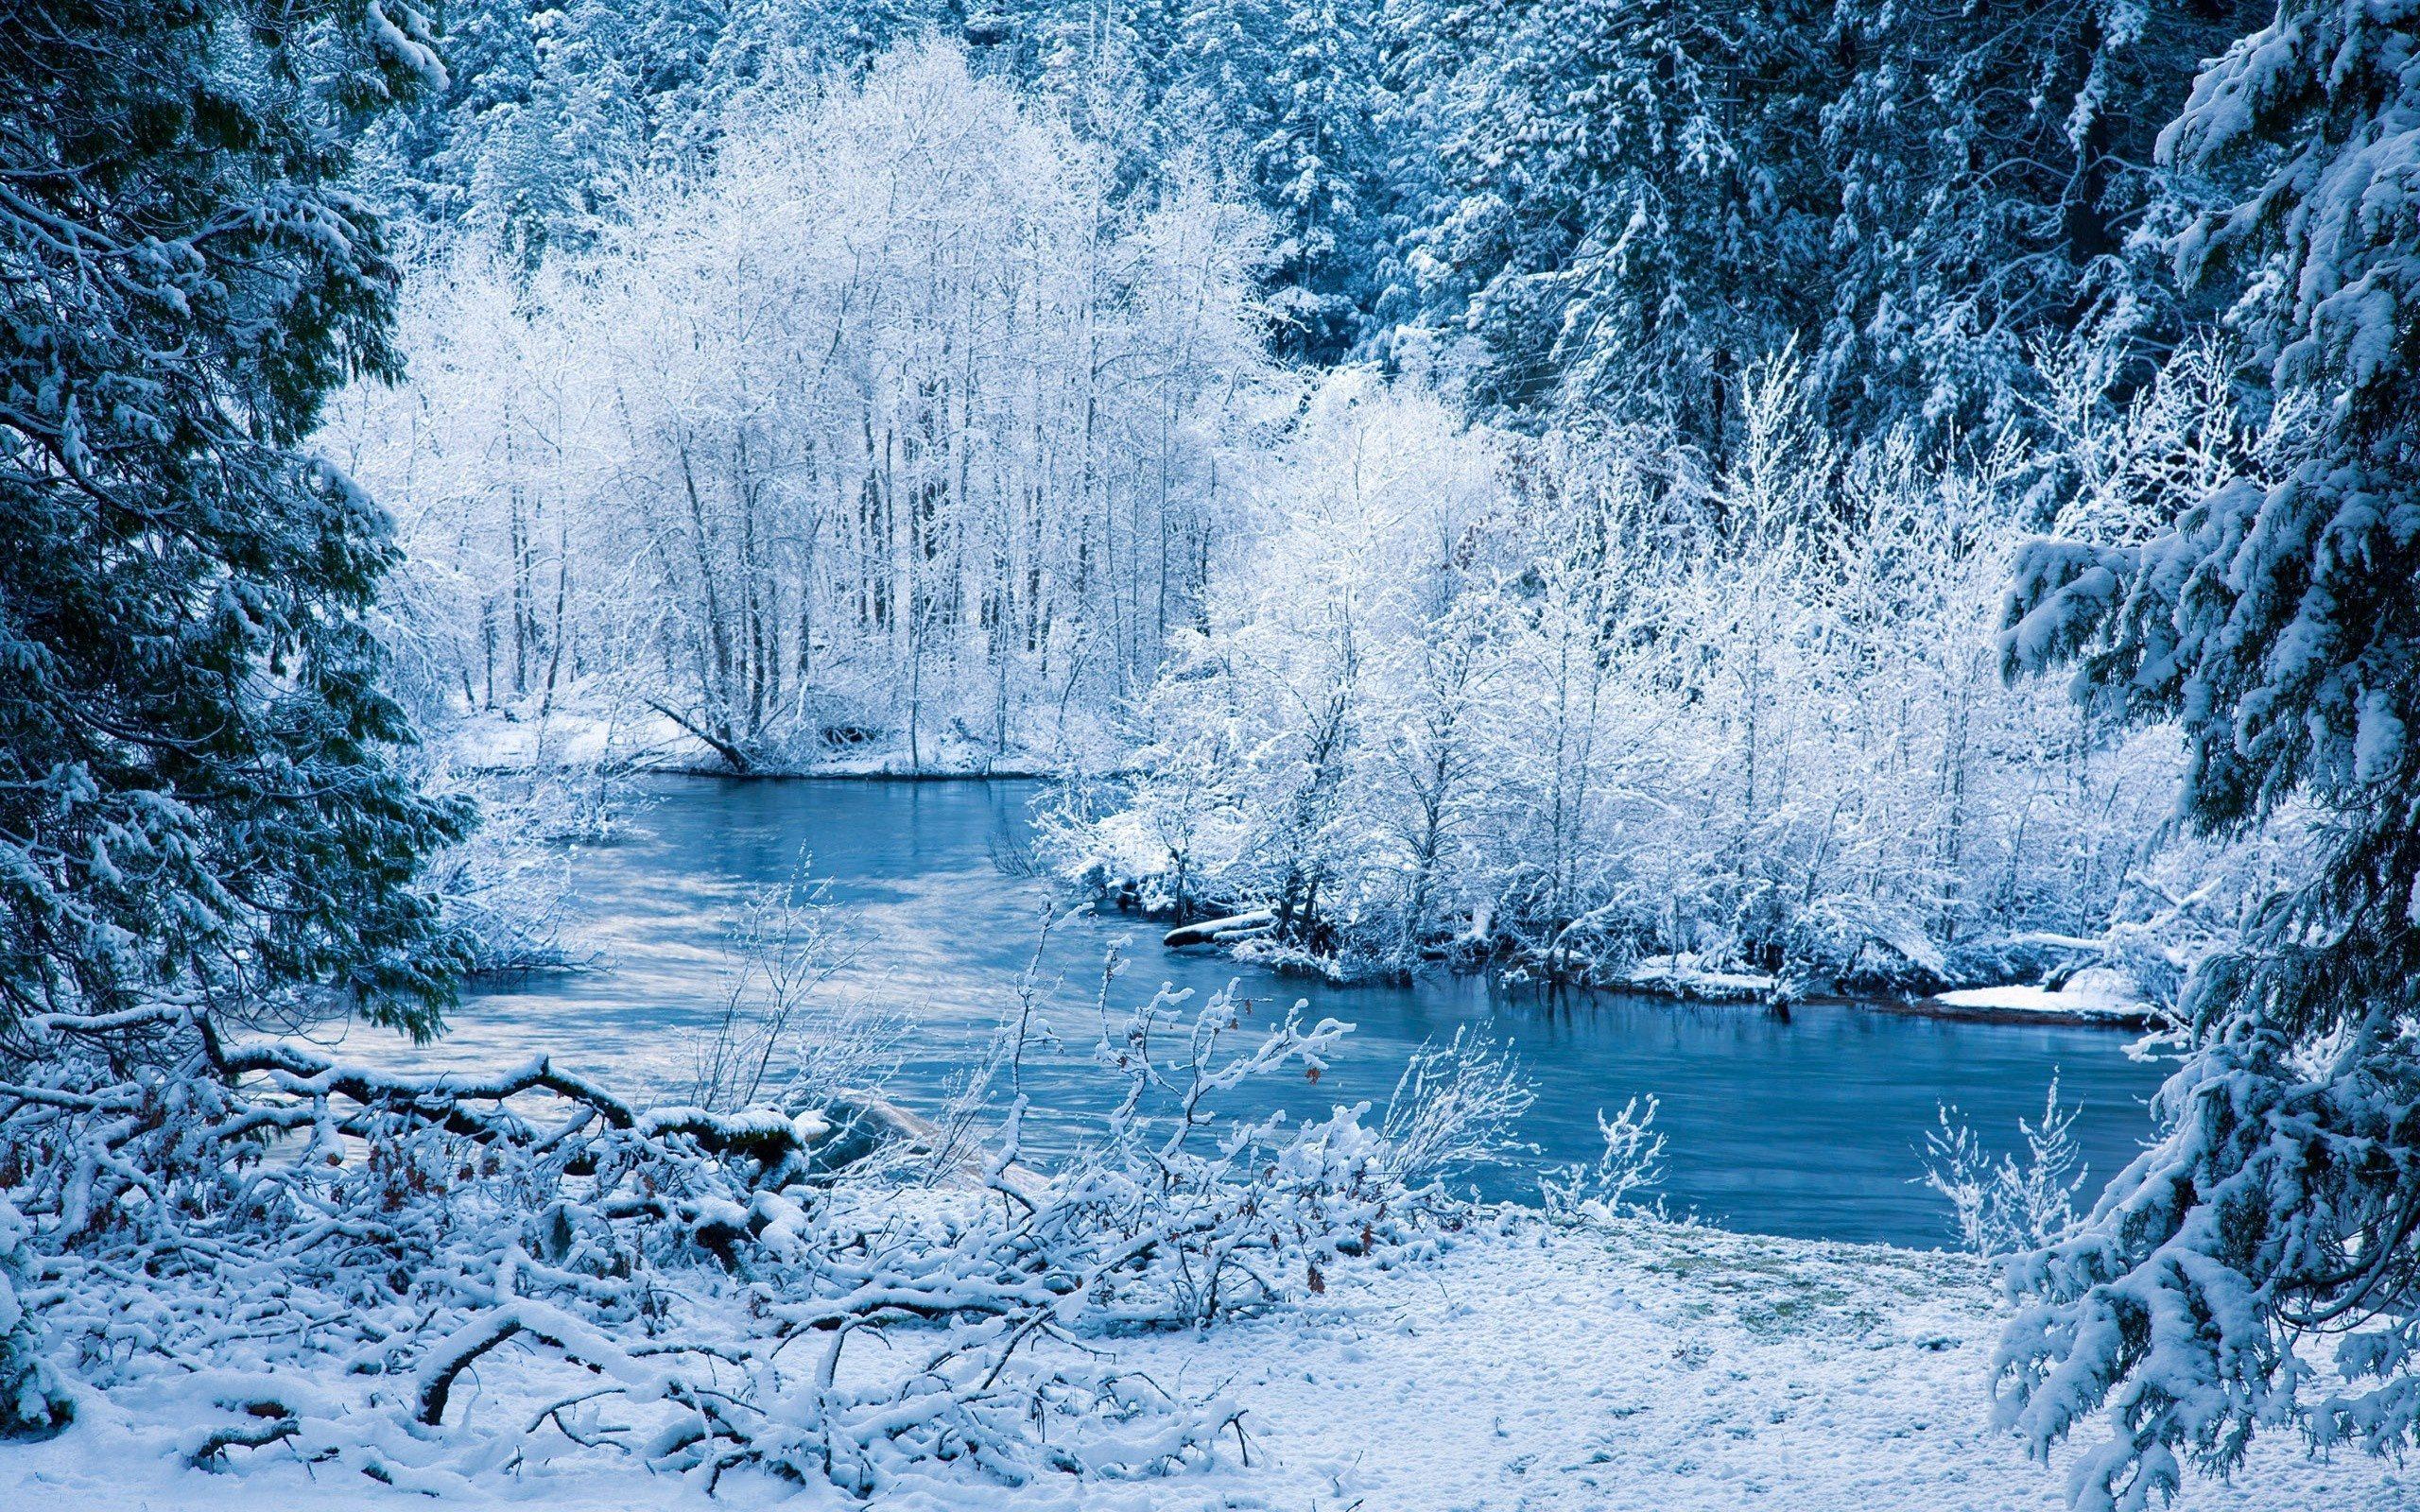 Фото зимний пейзаж деревья под снегом